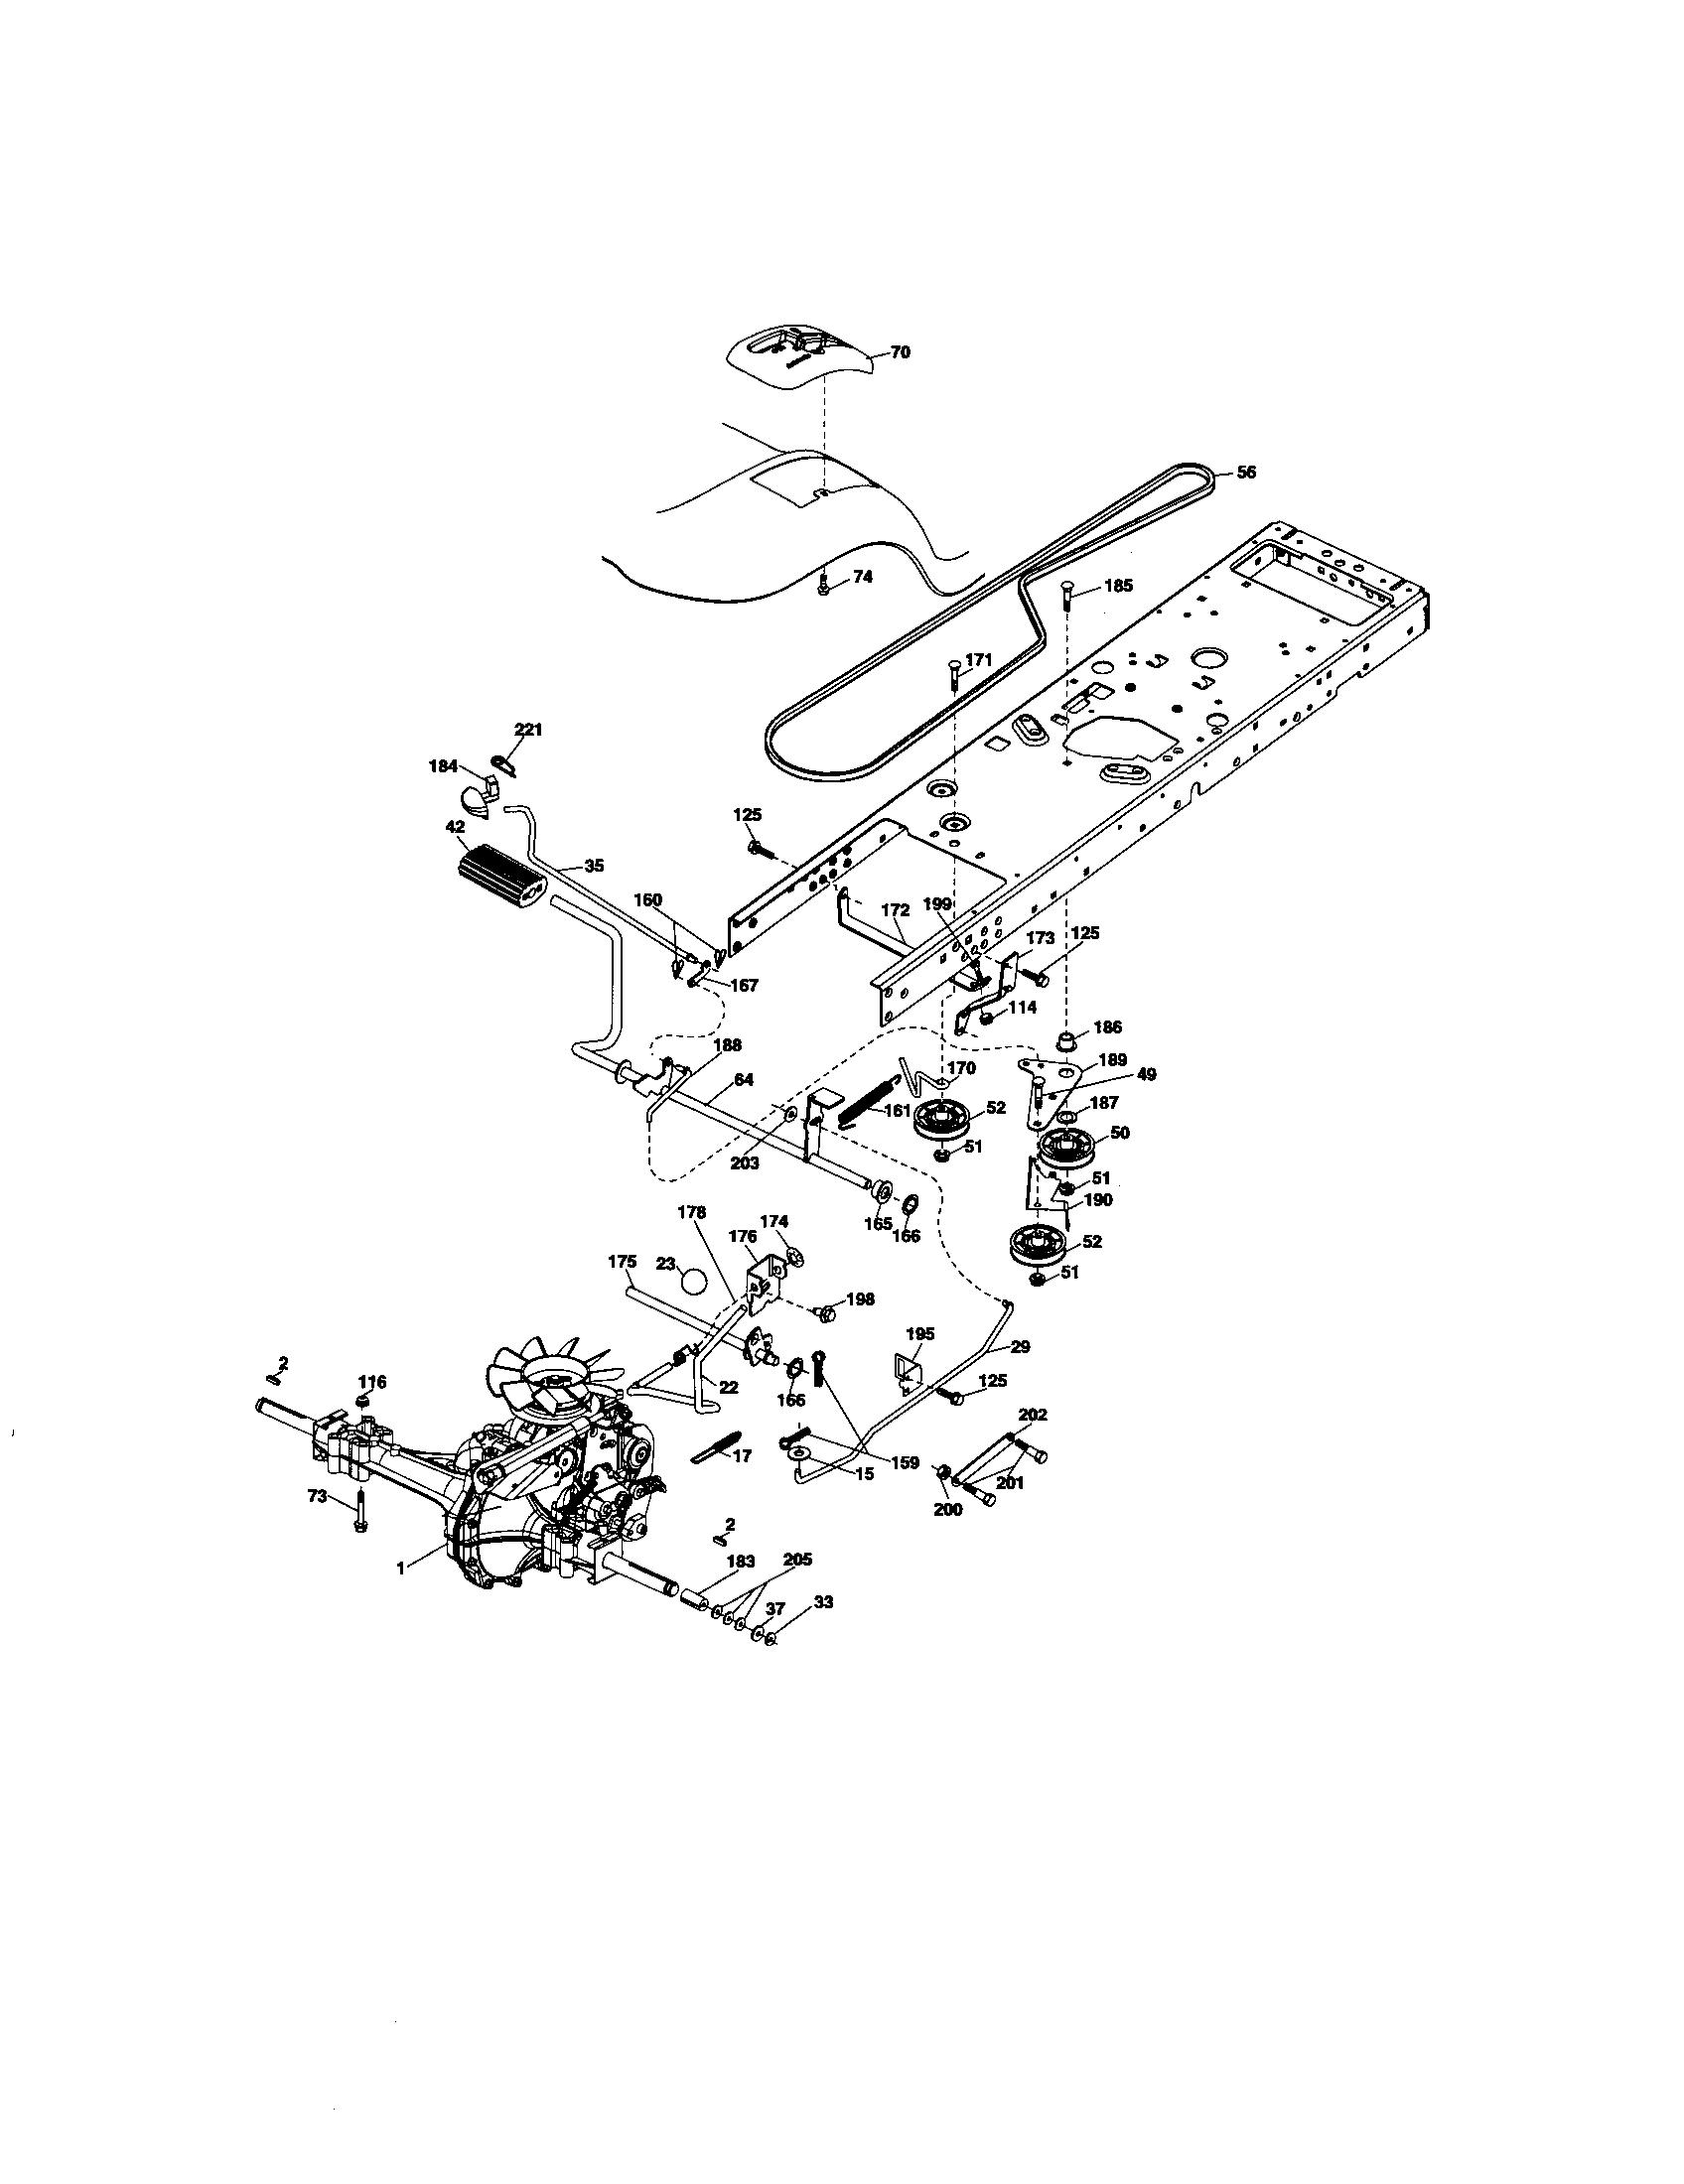 Craftsman model 917276600 lawn, tractor genuine parts